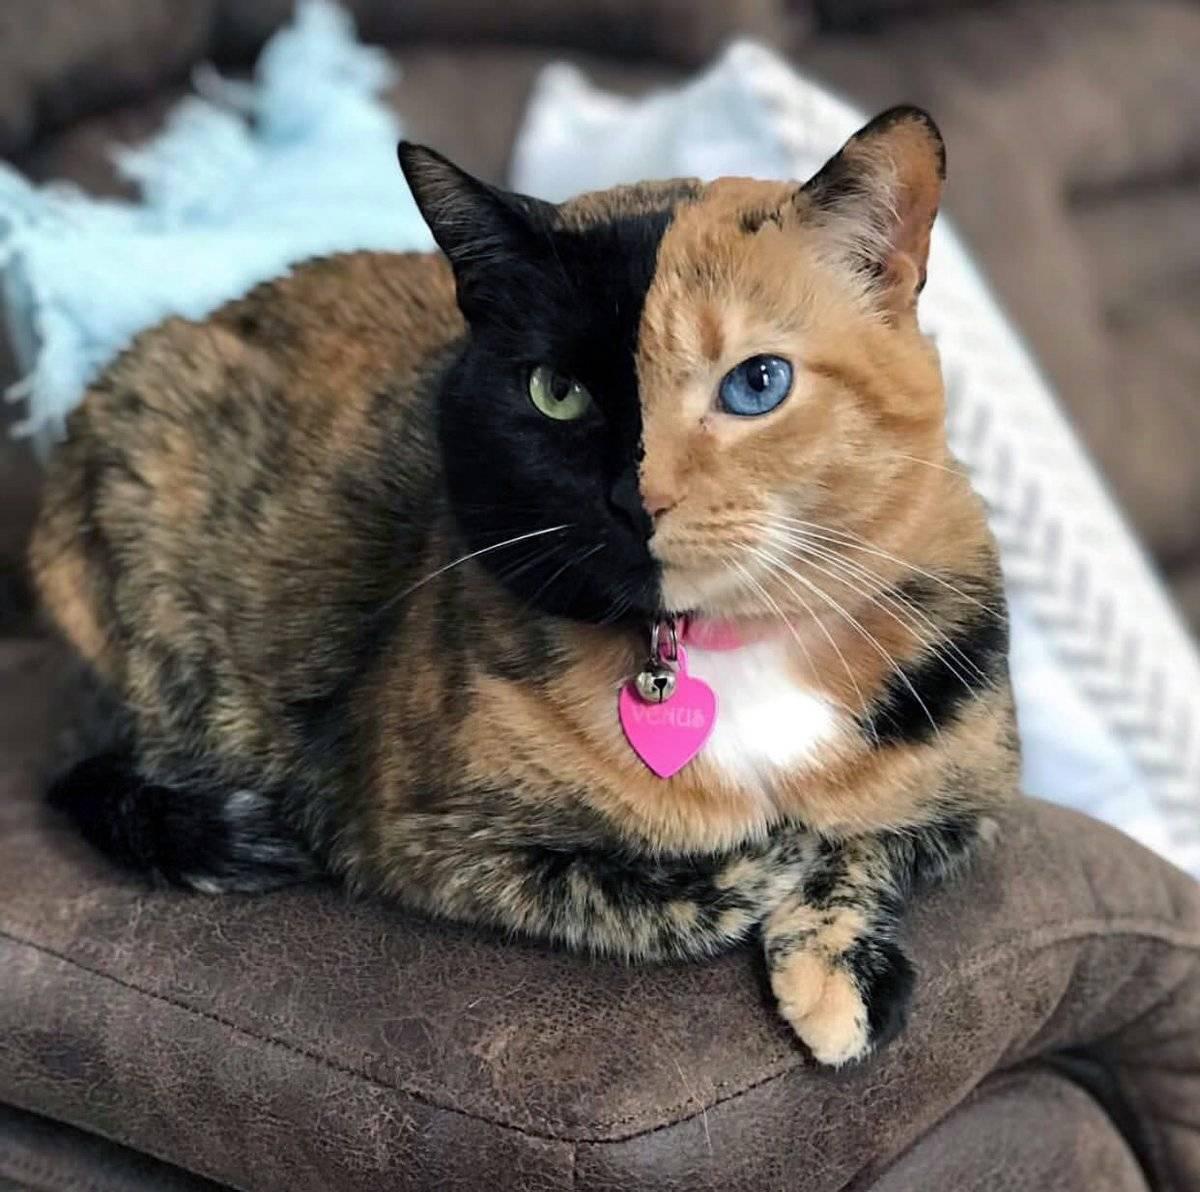 Самые лучшие кошки: спокойные, общительные, топ 10